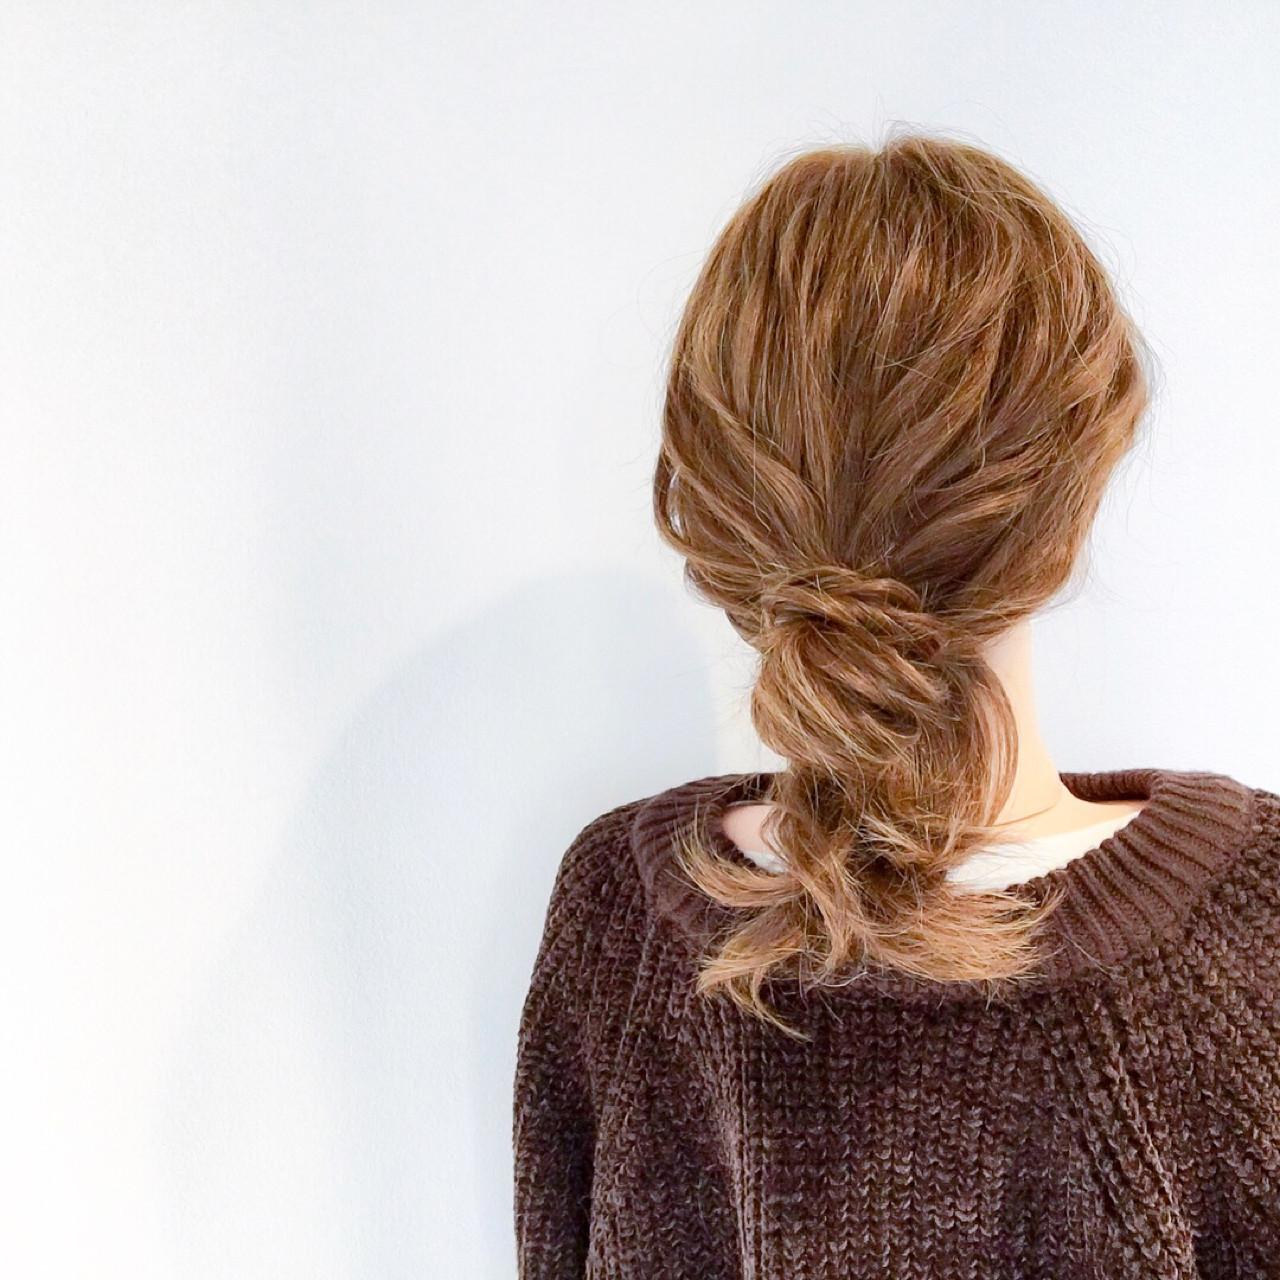 セミロング アウトドア デート ショート ヘアスタイルや髪型の写真・画像